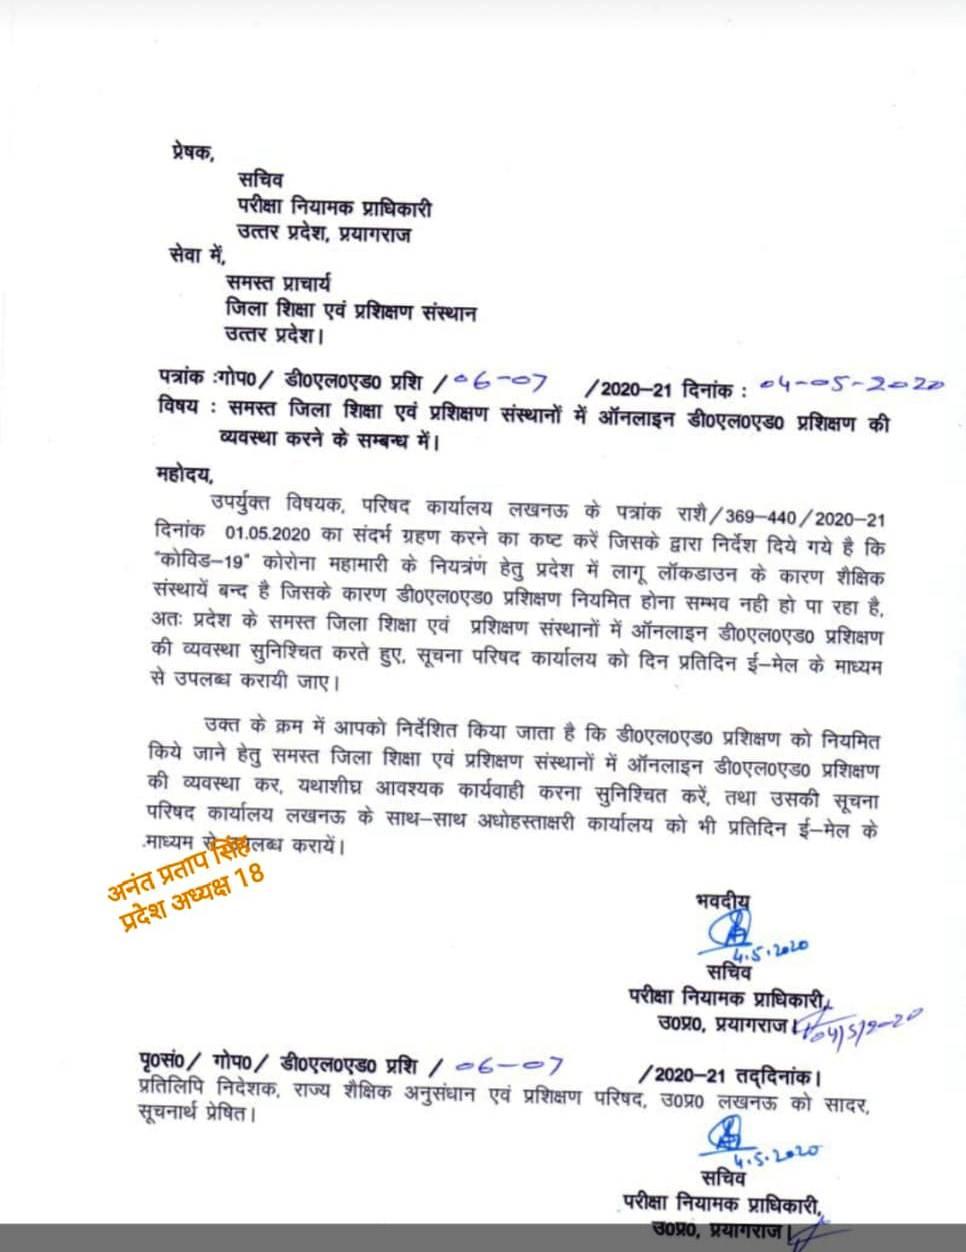 समस्त डायटों में ऑनलाइन प्रशिक्षण व्यवस्था कराने के संबंध में PNP का आदेश जारी